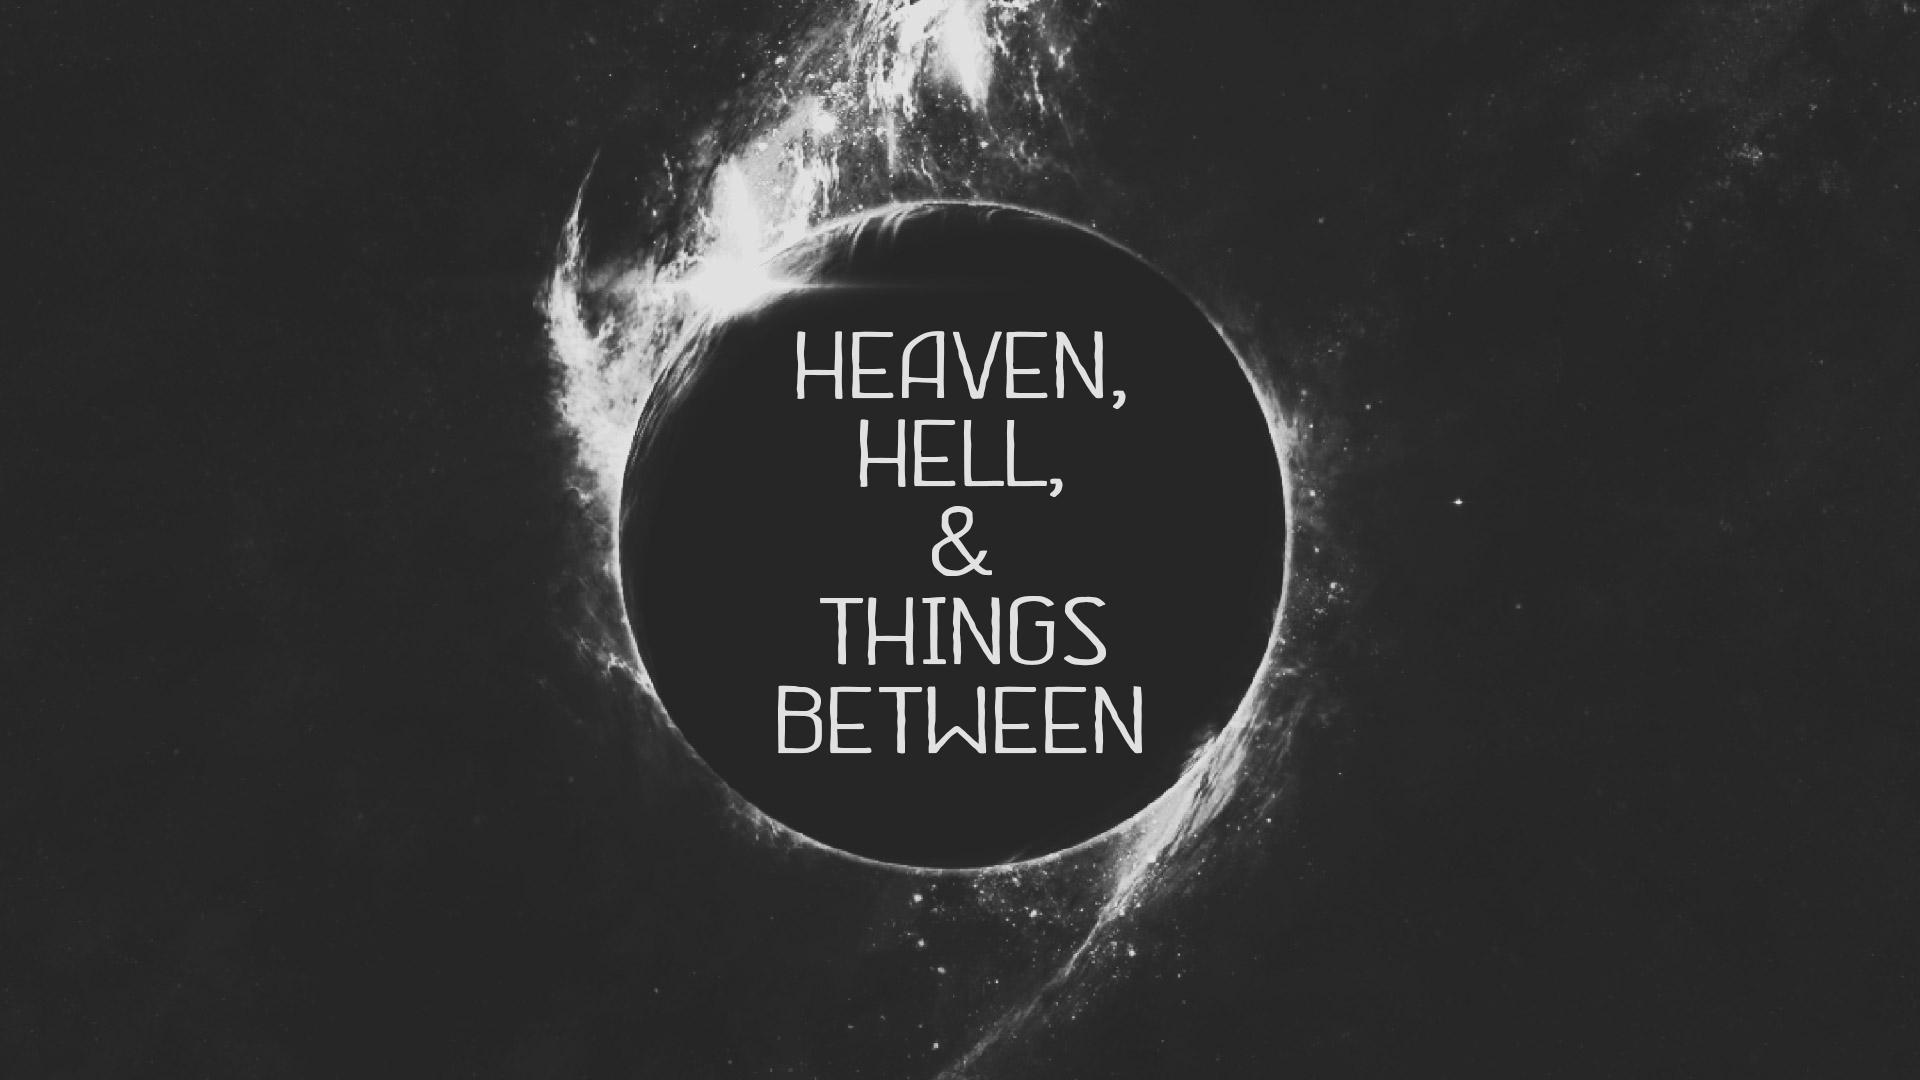 2018.04.15_HeavenHellThingsBetween_TitleSlide.jpg